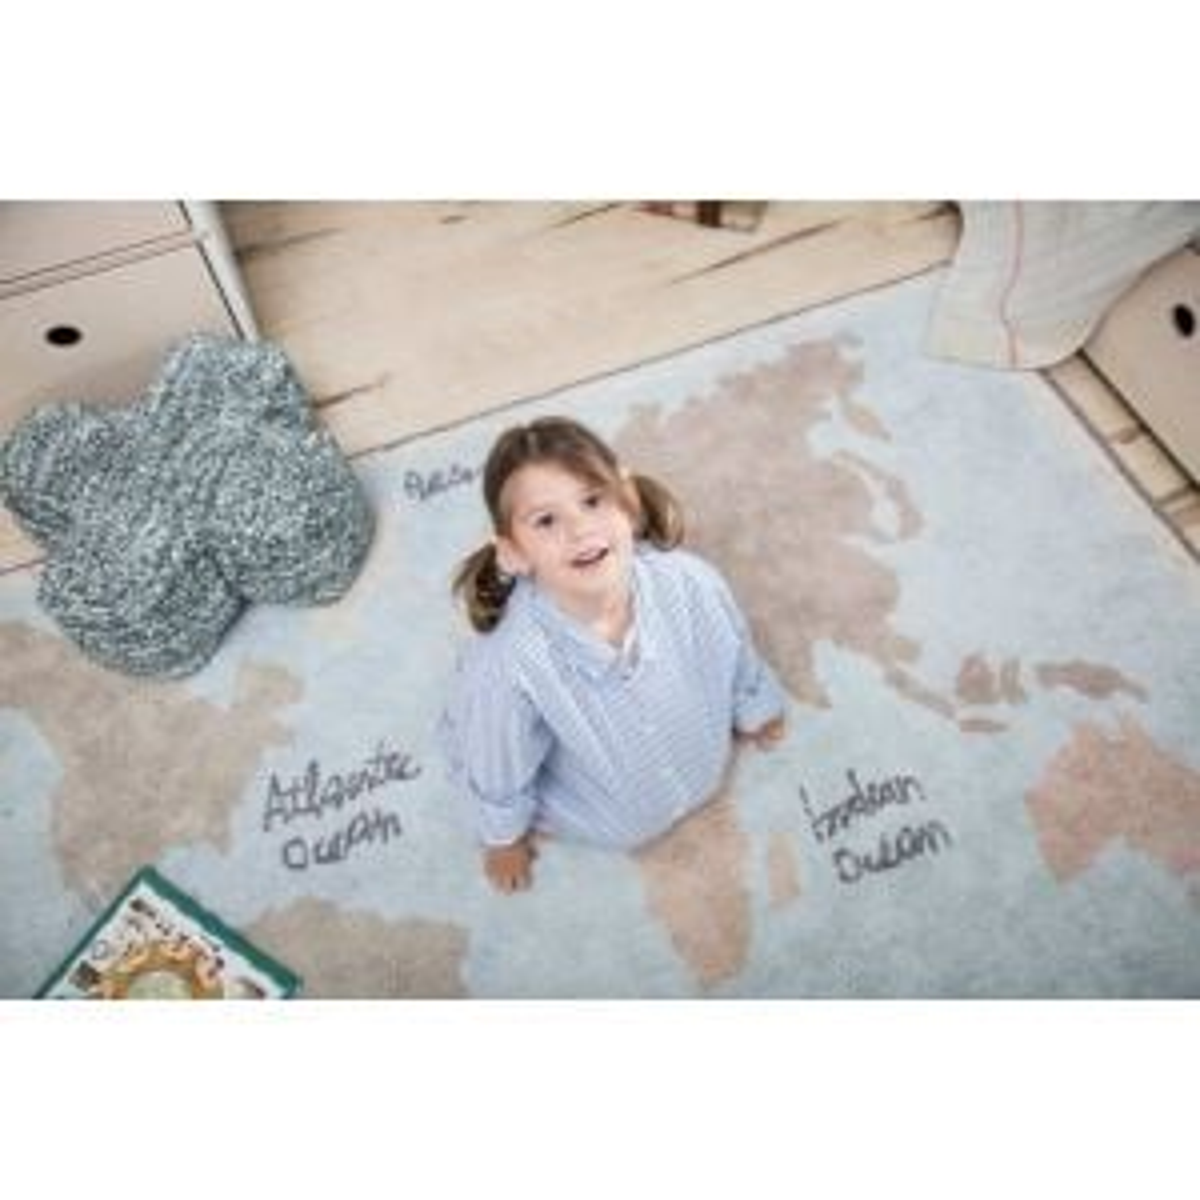 Dywan dziecięcy VINTAGE MAP 140x200 niebieski